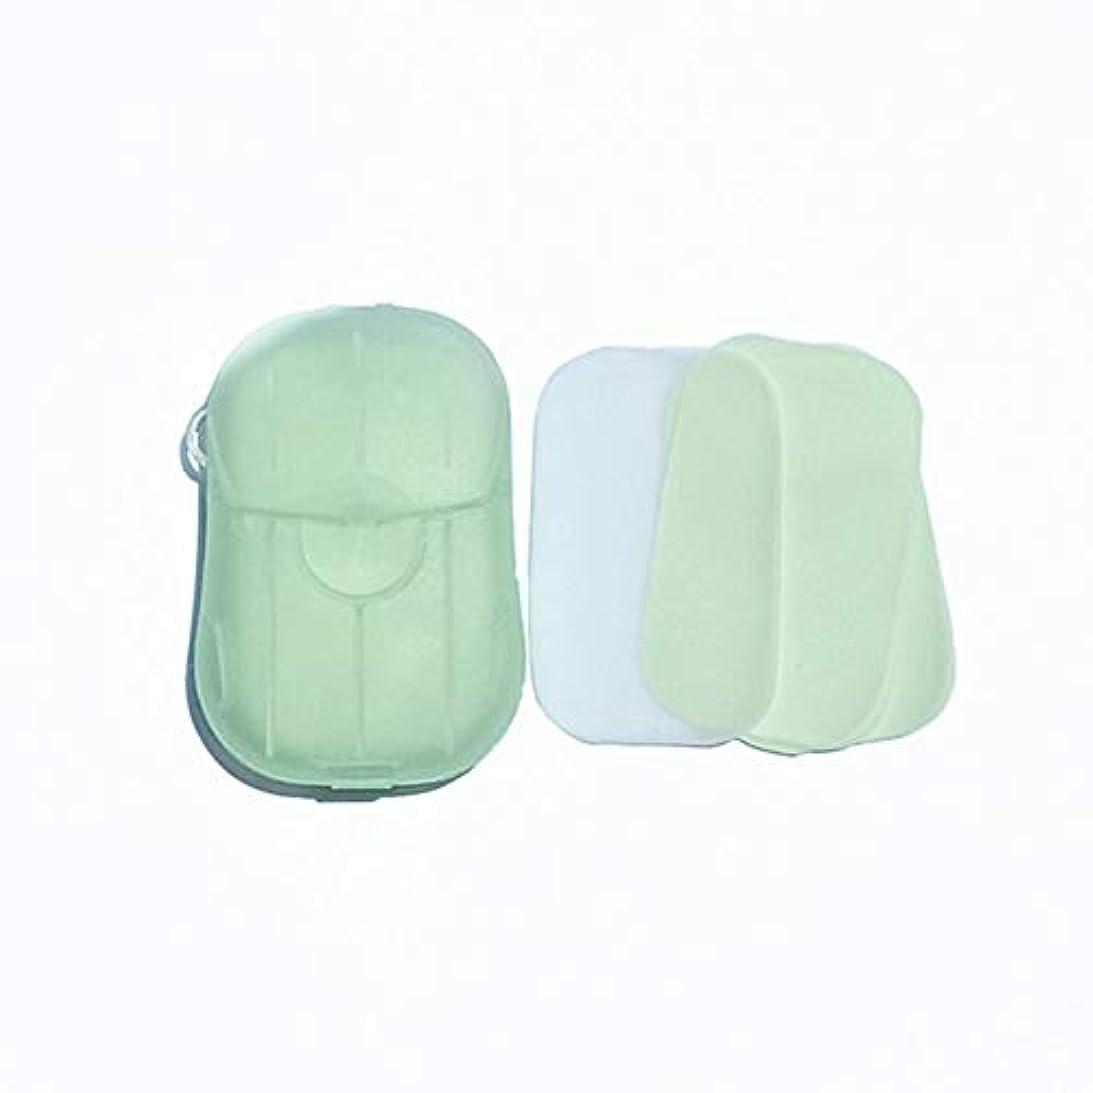 宿開梱かんたんFeglin-joy ペーパーソープ せっけん紙 除菌 石鹸 手洗い お風呂 旅行携帯用 紙せっけん かみせっけん 香り 20枚入 ケース付き(よもぎ)